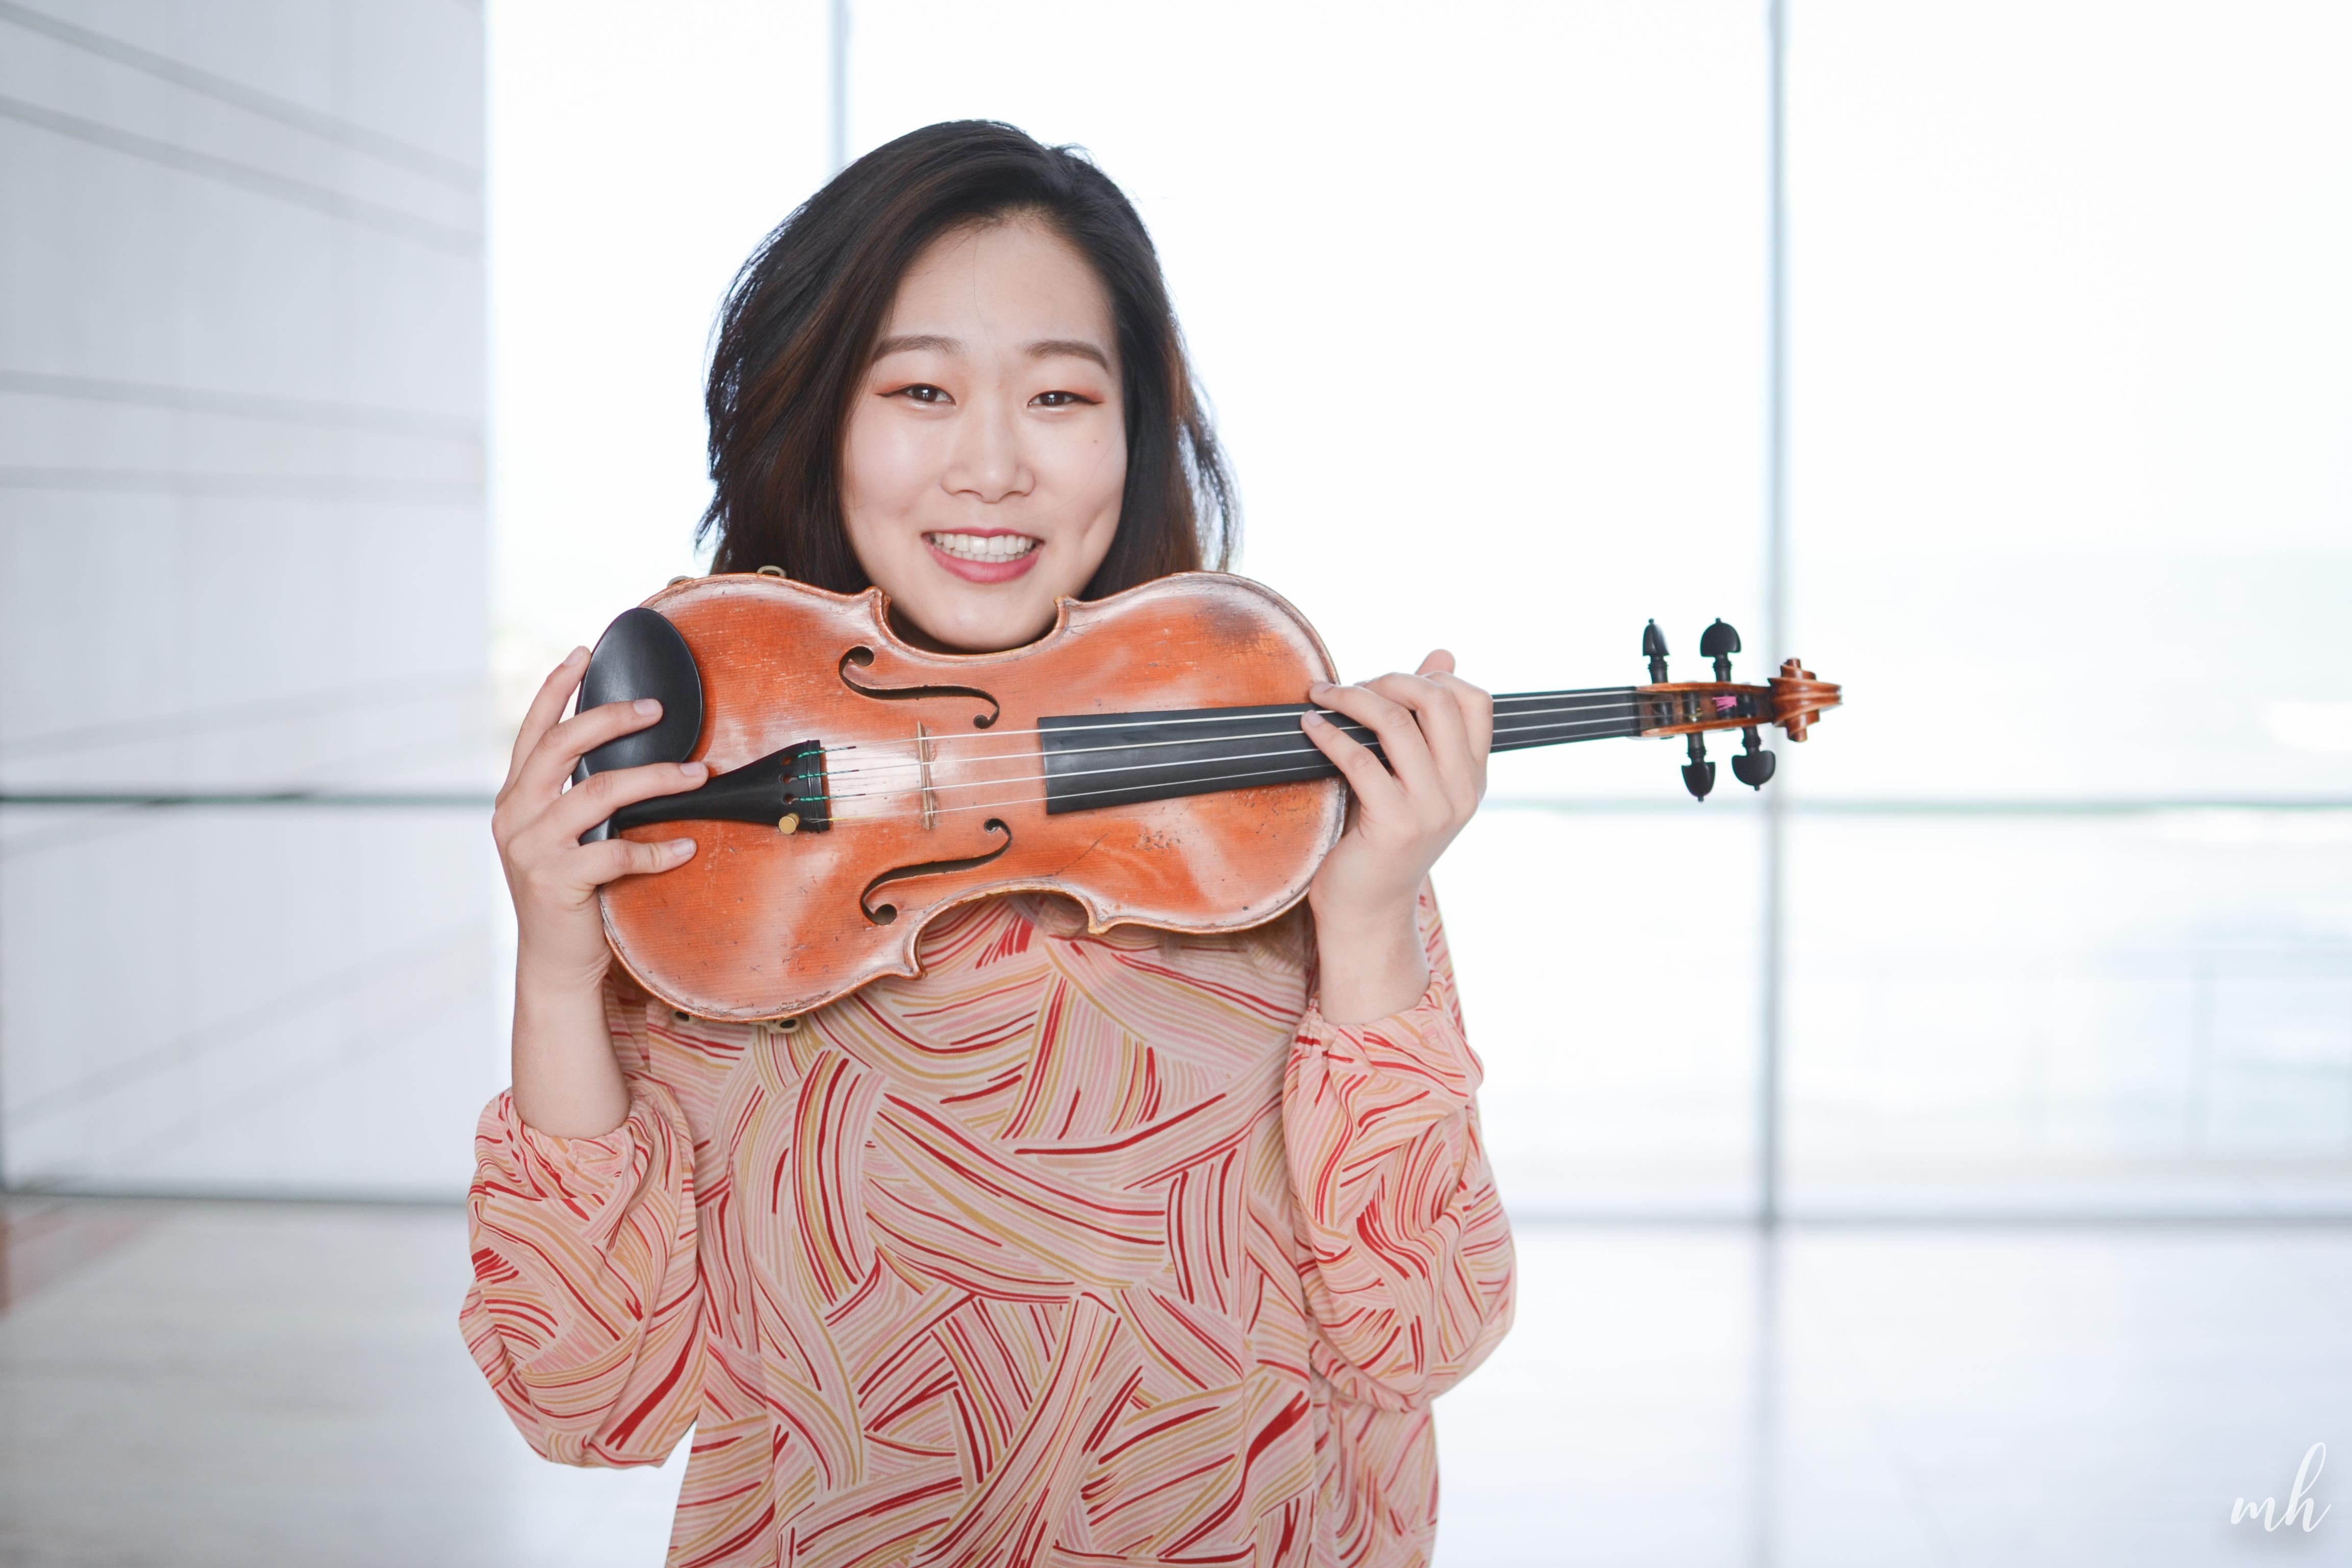 Musician Spotlight: Hannah Chou, Orchestra Management Fellow